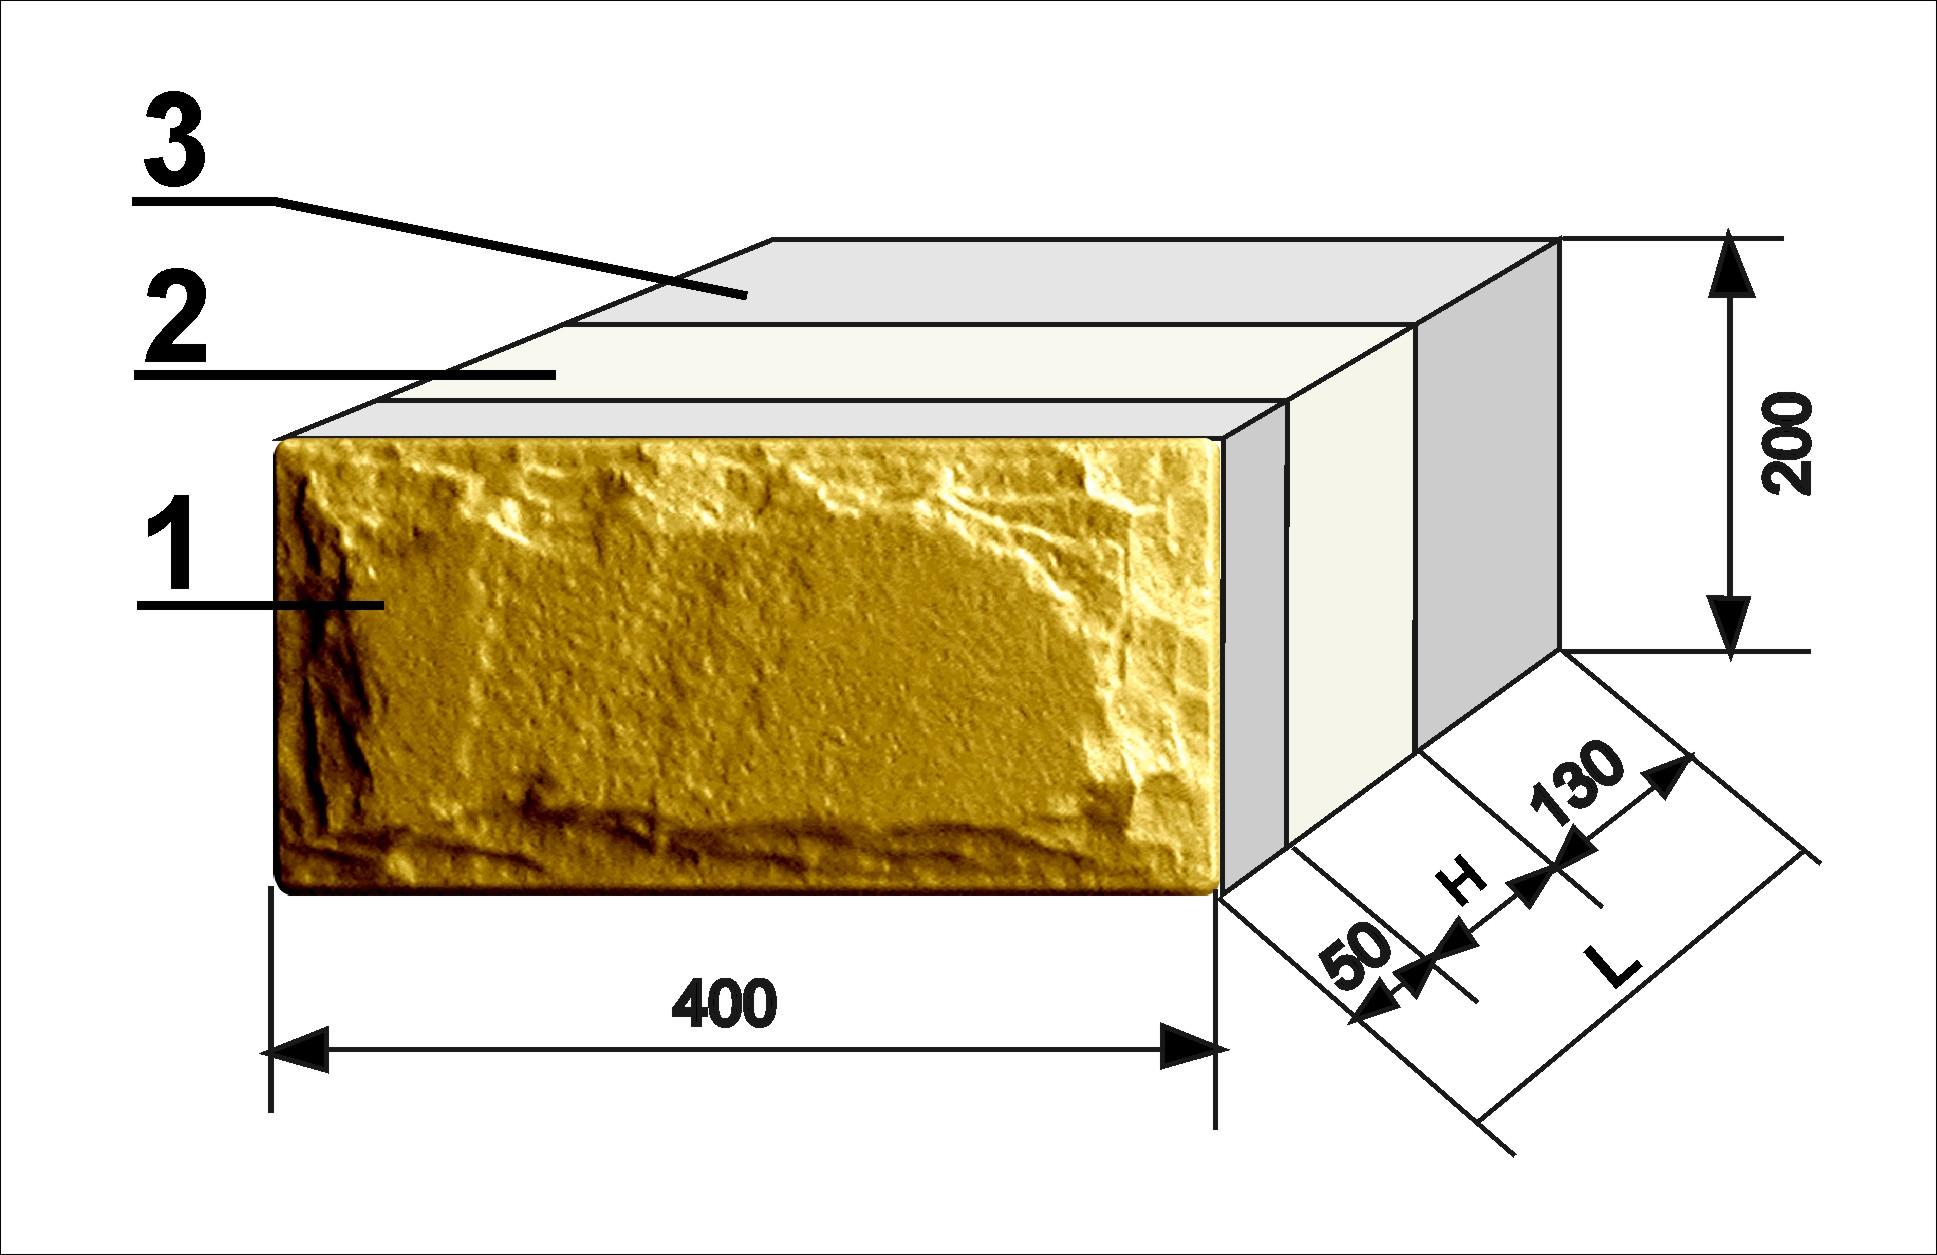 Многослойные стеновые блоки. стеновые блоки с облицовкой и утеплителем для строительства